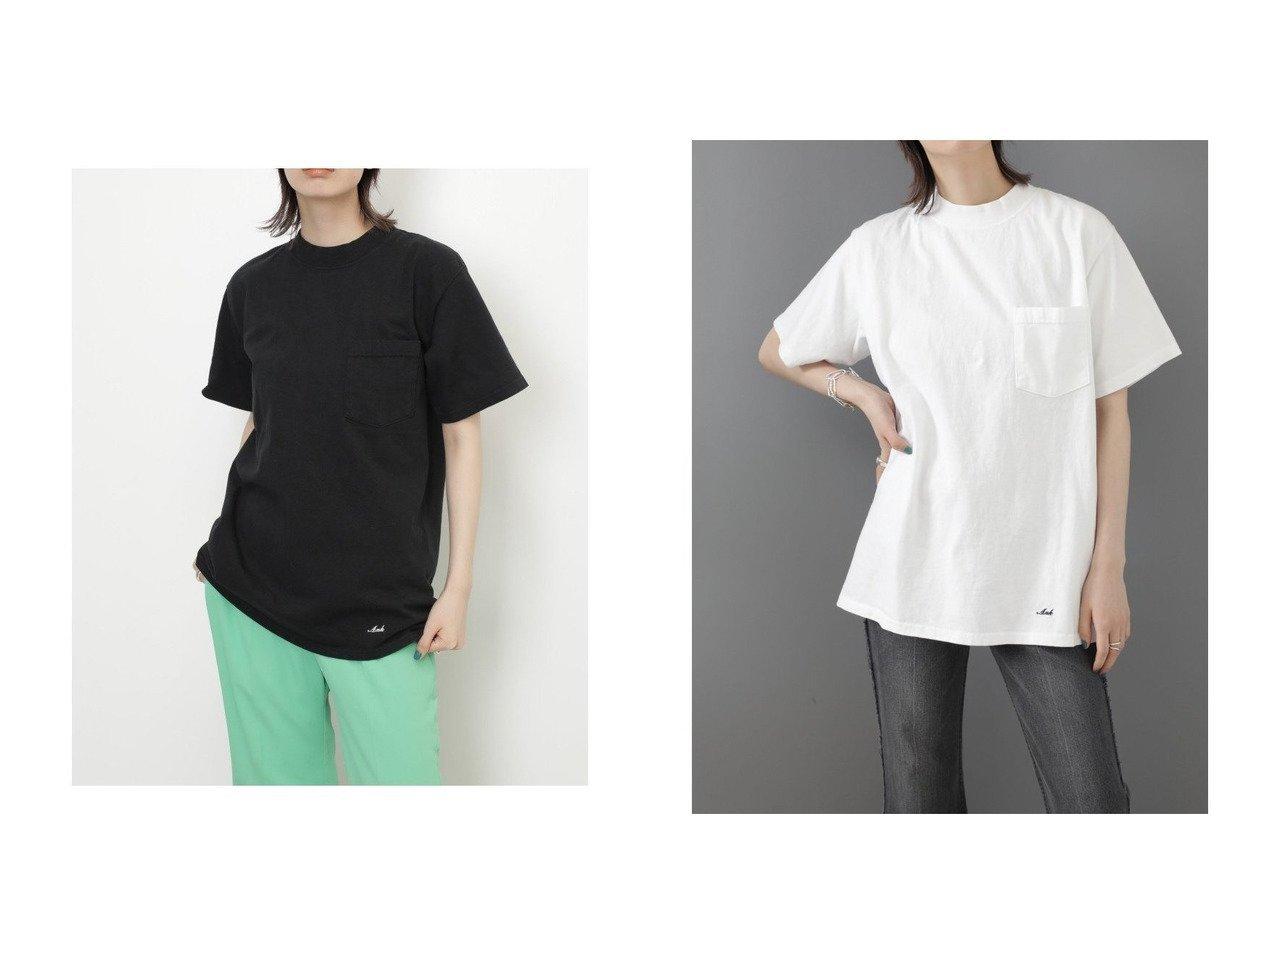 【ROSE BUD/ローズバッド】のGOODWEARANK クラシックネックショートスリーブ 別注・限定・コラボなど、おすすめ!人気、トレンド・レディースファッションの通販 おすすめで人気の流行・トレンド、ファッションの通販商品 インテリア・家具・メンズファッション・キッズファッション・レディースファッション・服の通販 founy(ファニー) https://founy.com/ ファッション Fashion レディースファッション WOMEN トップス・カットソー Tops/Tshirt シャツ/ブラウス Shirts/Blouses ロング / Tシャツ T-Shirts カットソー Cut and Sewn NEW・新作・新着・新入荷 New Arrivals おすすめ Recommend カットソー クラシック タイトスカート ポケット 別注 定番 Standard  ID:crp329100000057233